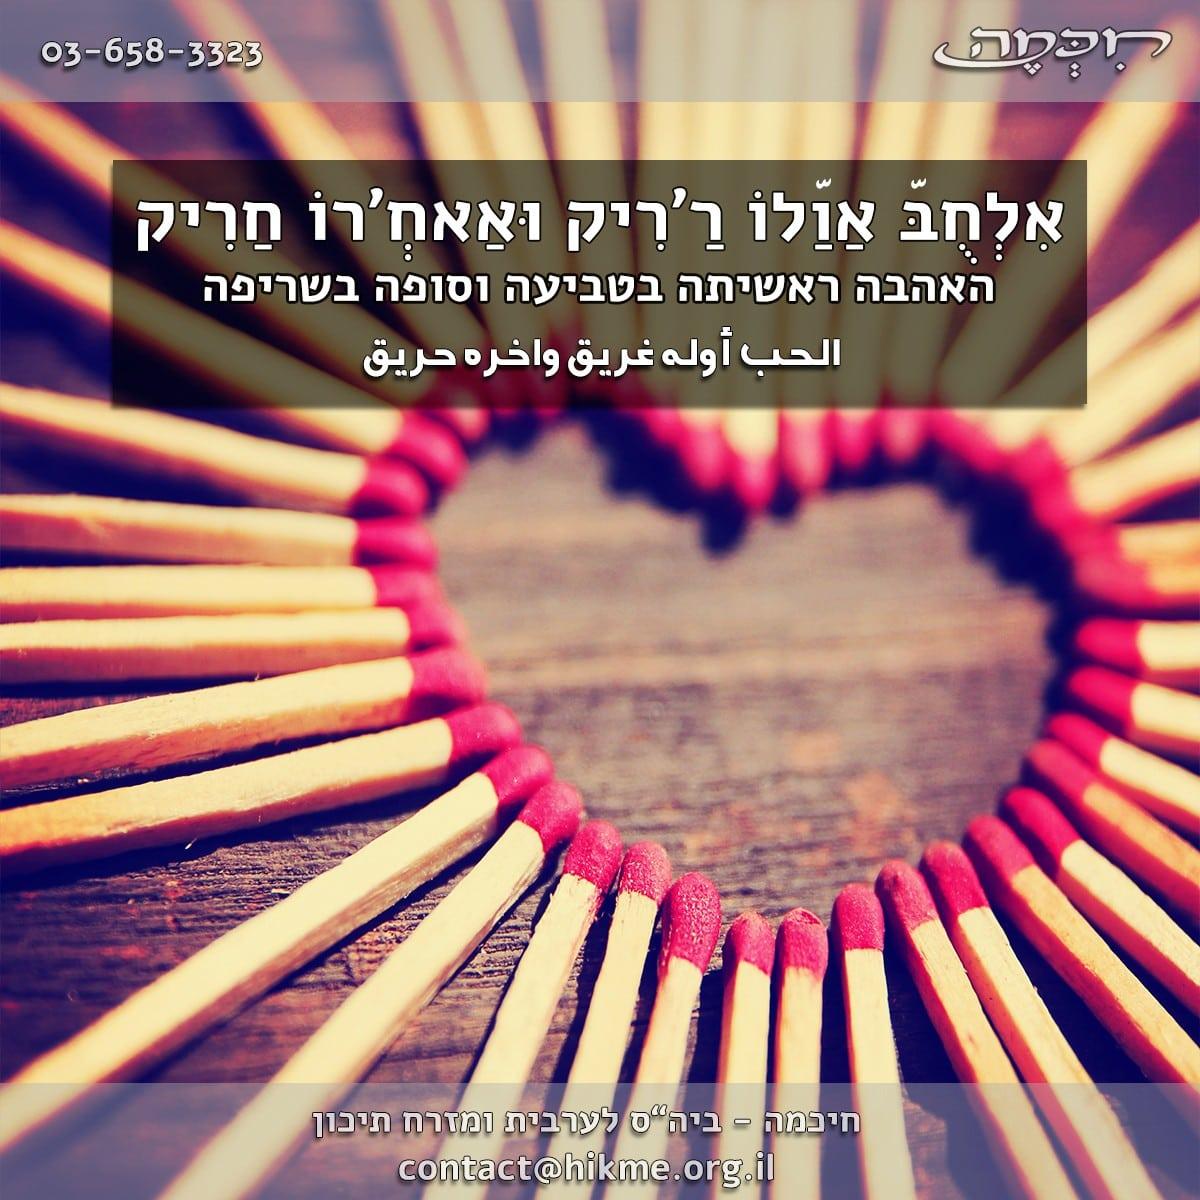 פתגמים בערבית בנושא אהבה